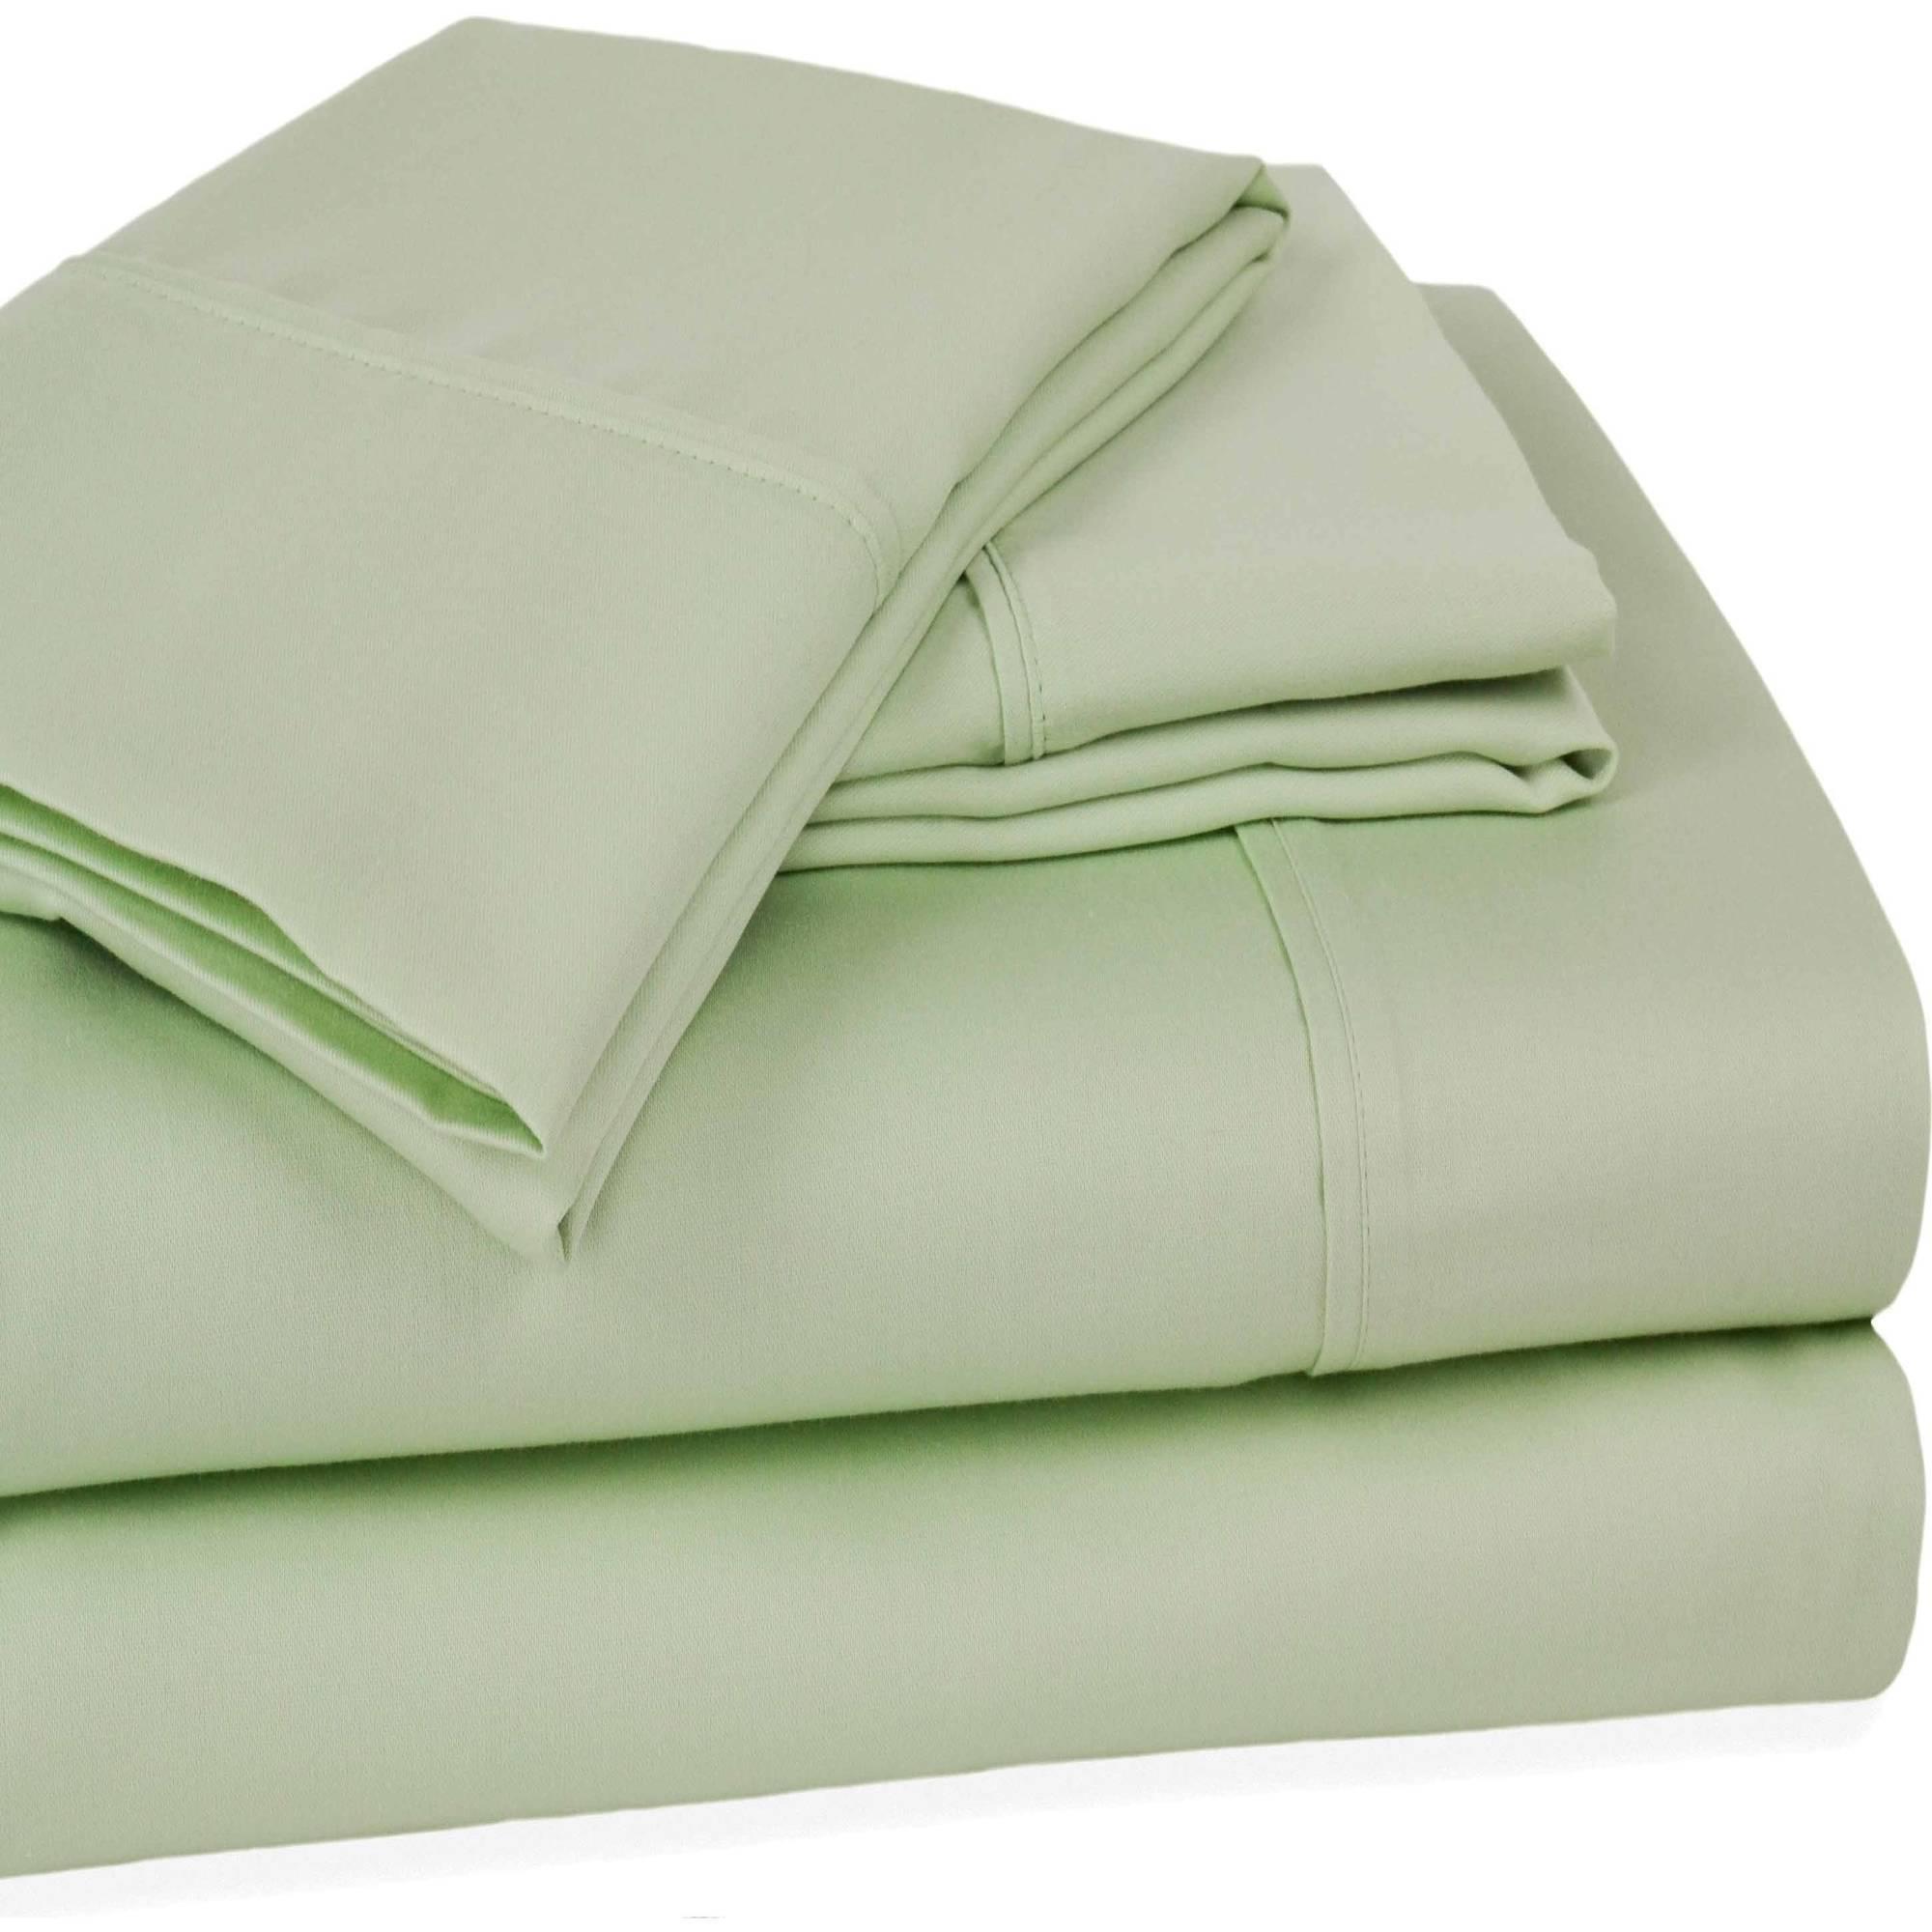 T300 Wrinkle Resistant Solid Sheet Set